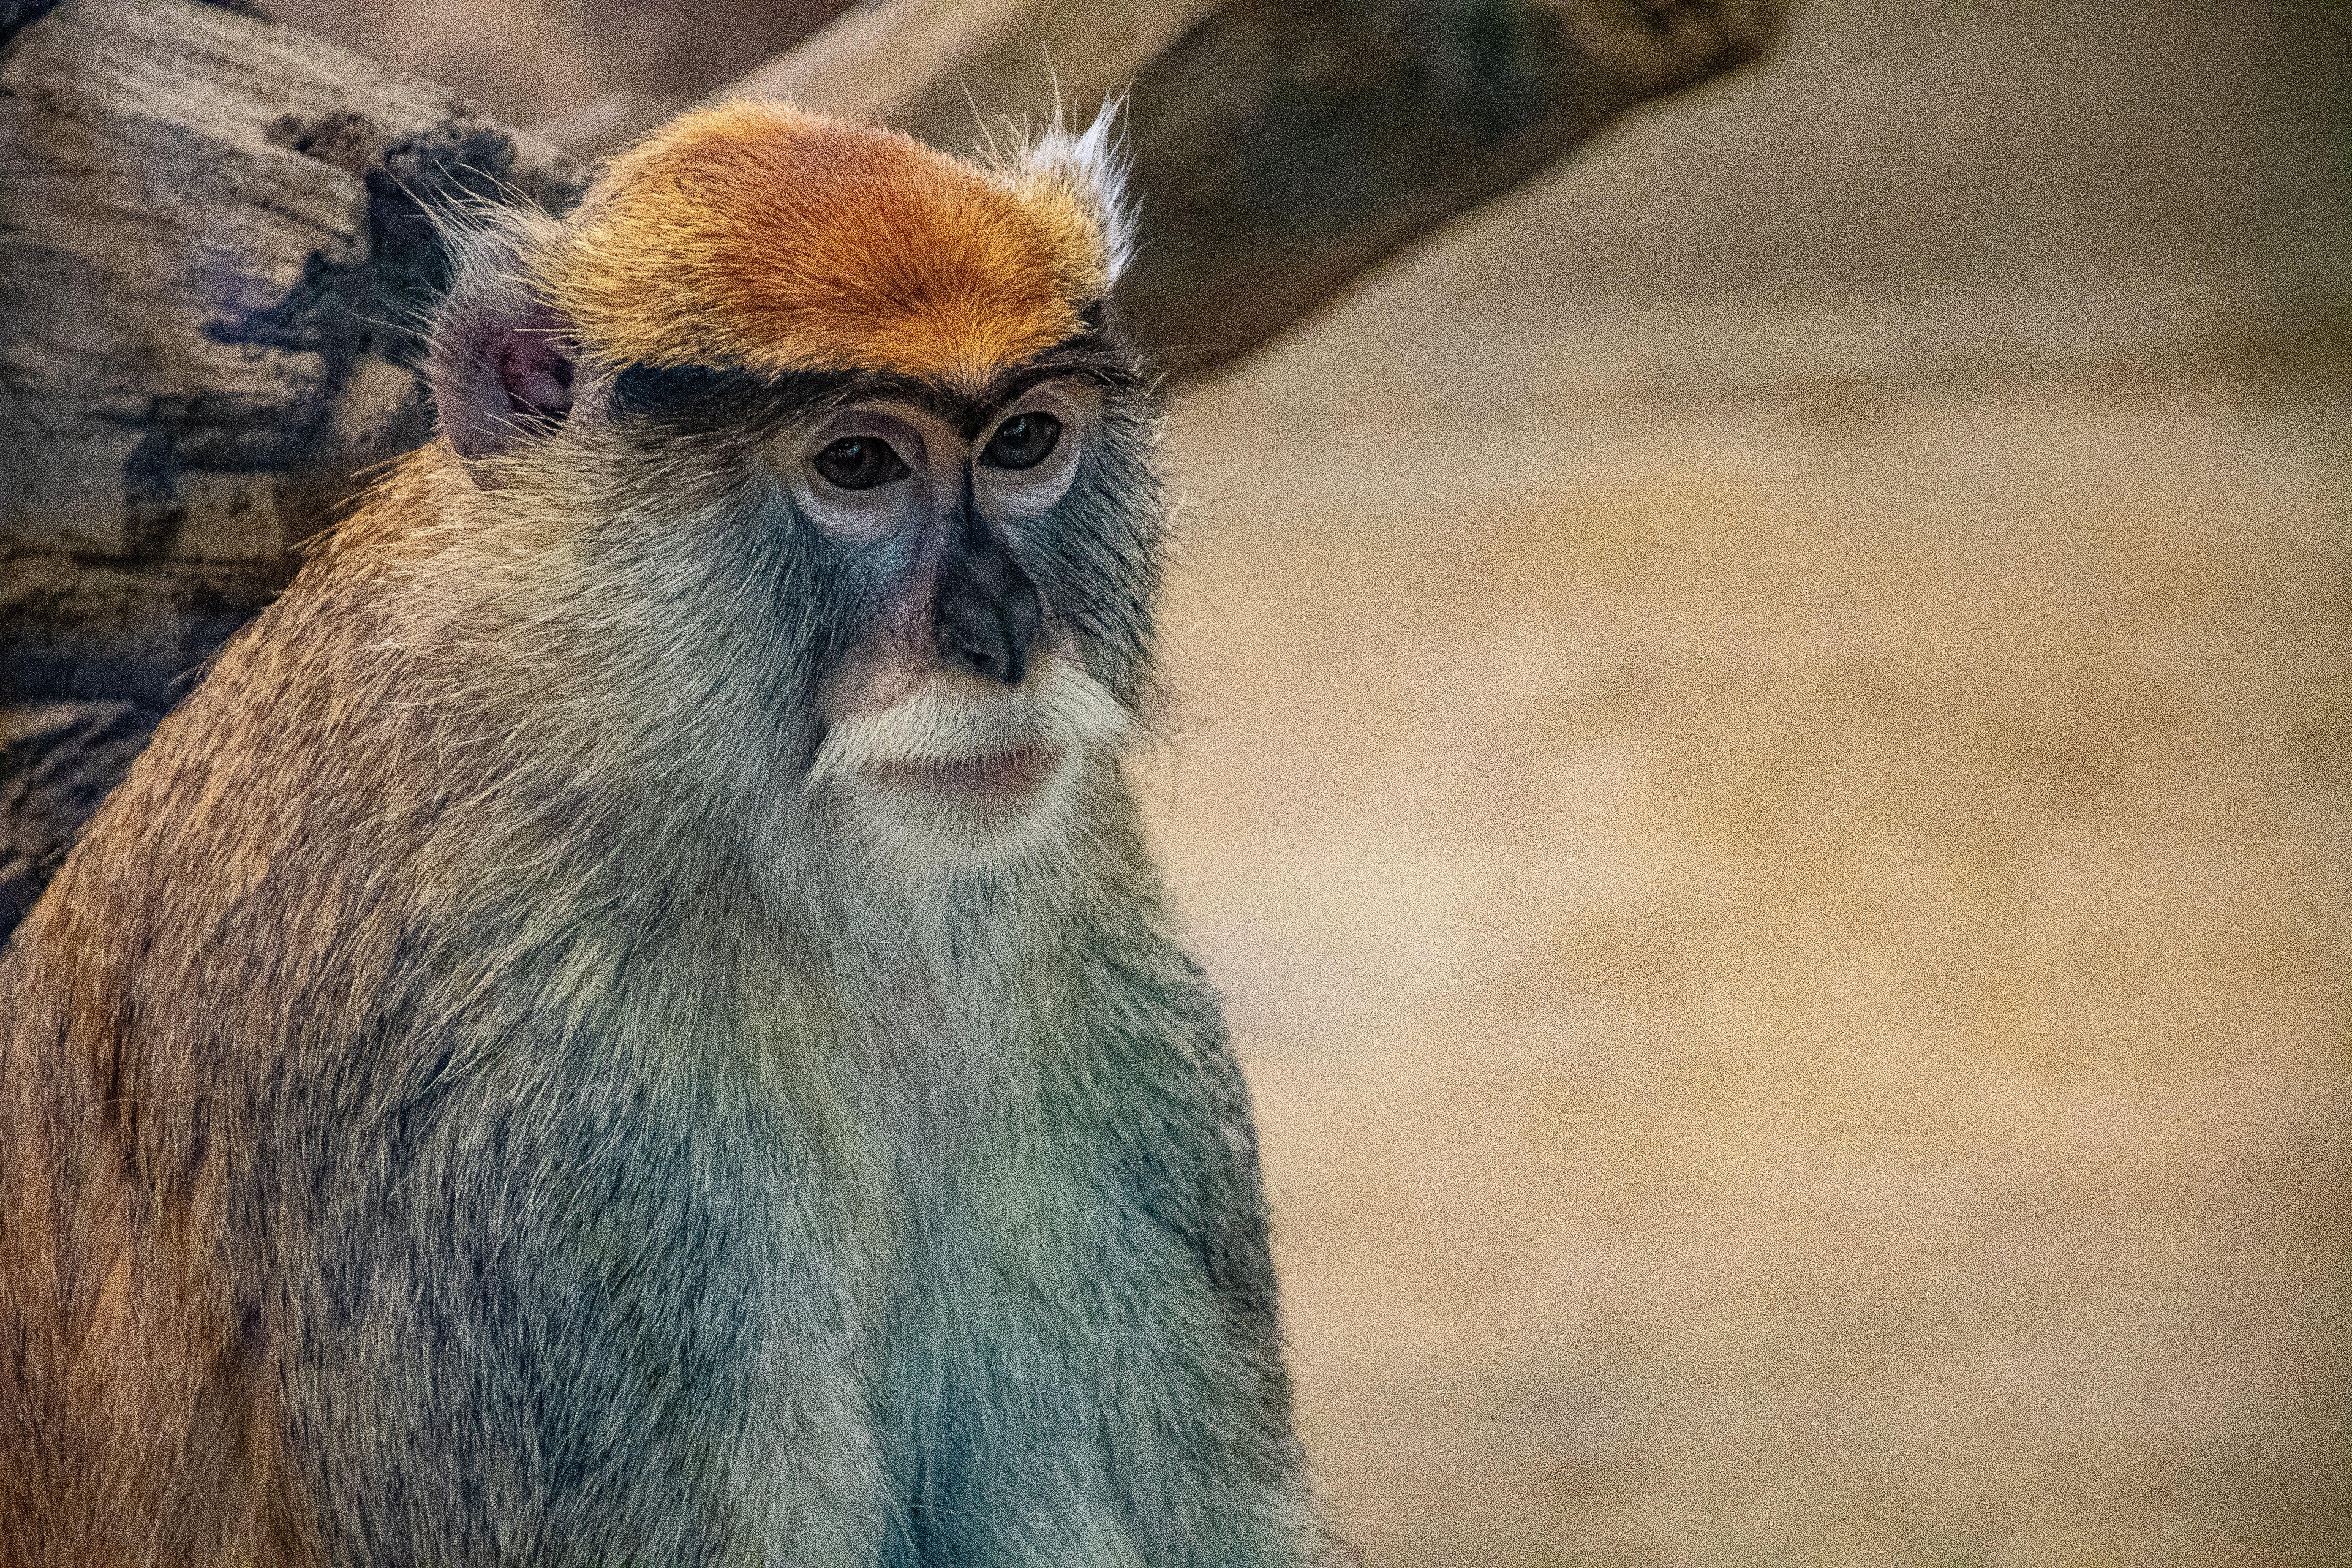 Kostnadsfri bild av däggdjur, djur, djurfotografi, primat